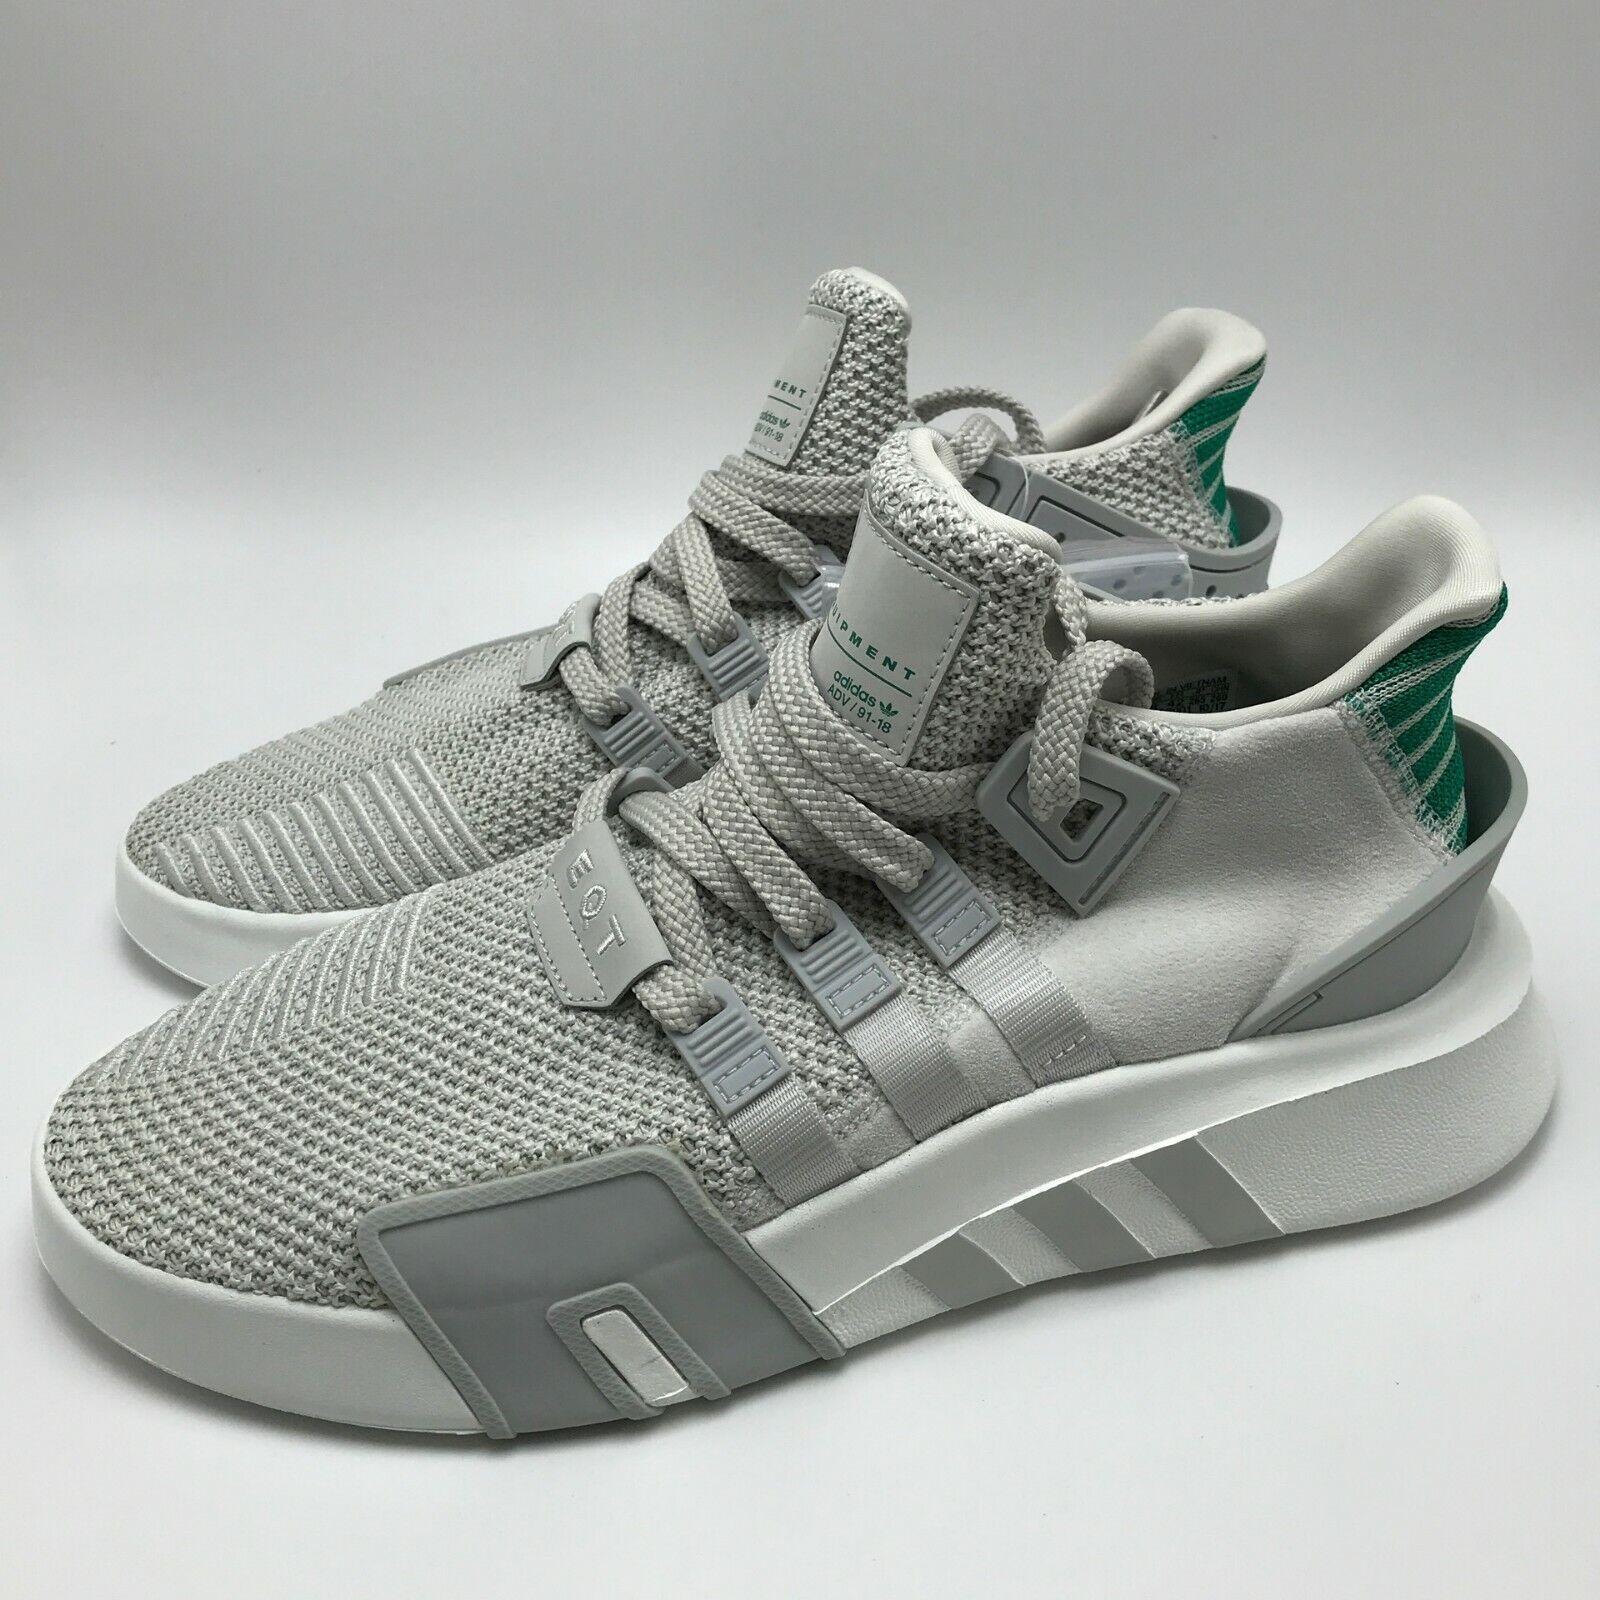 Adidas Originals EQT Bask ADV Men's Sneakers Shoes Grey CQ29